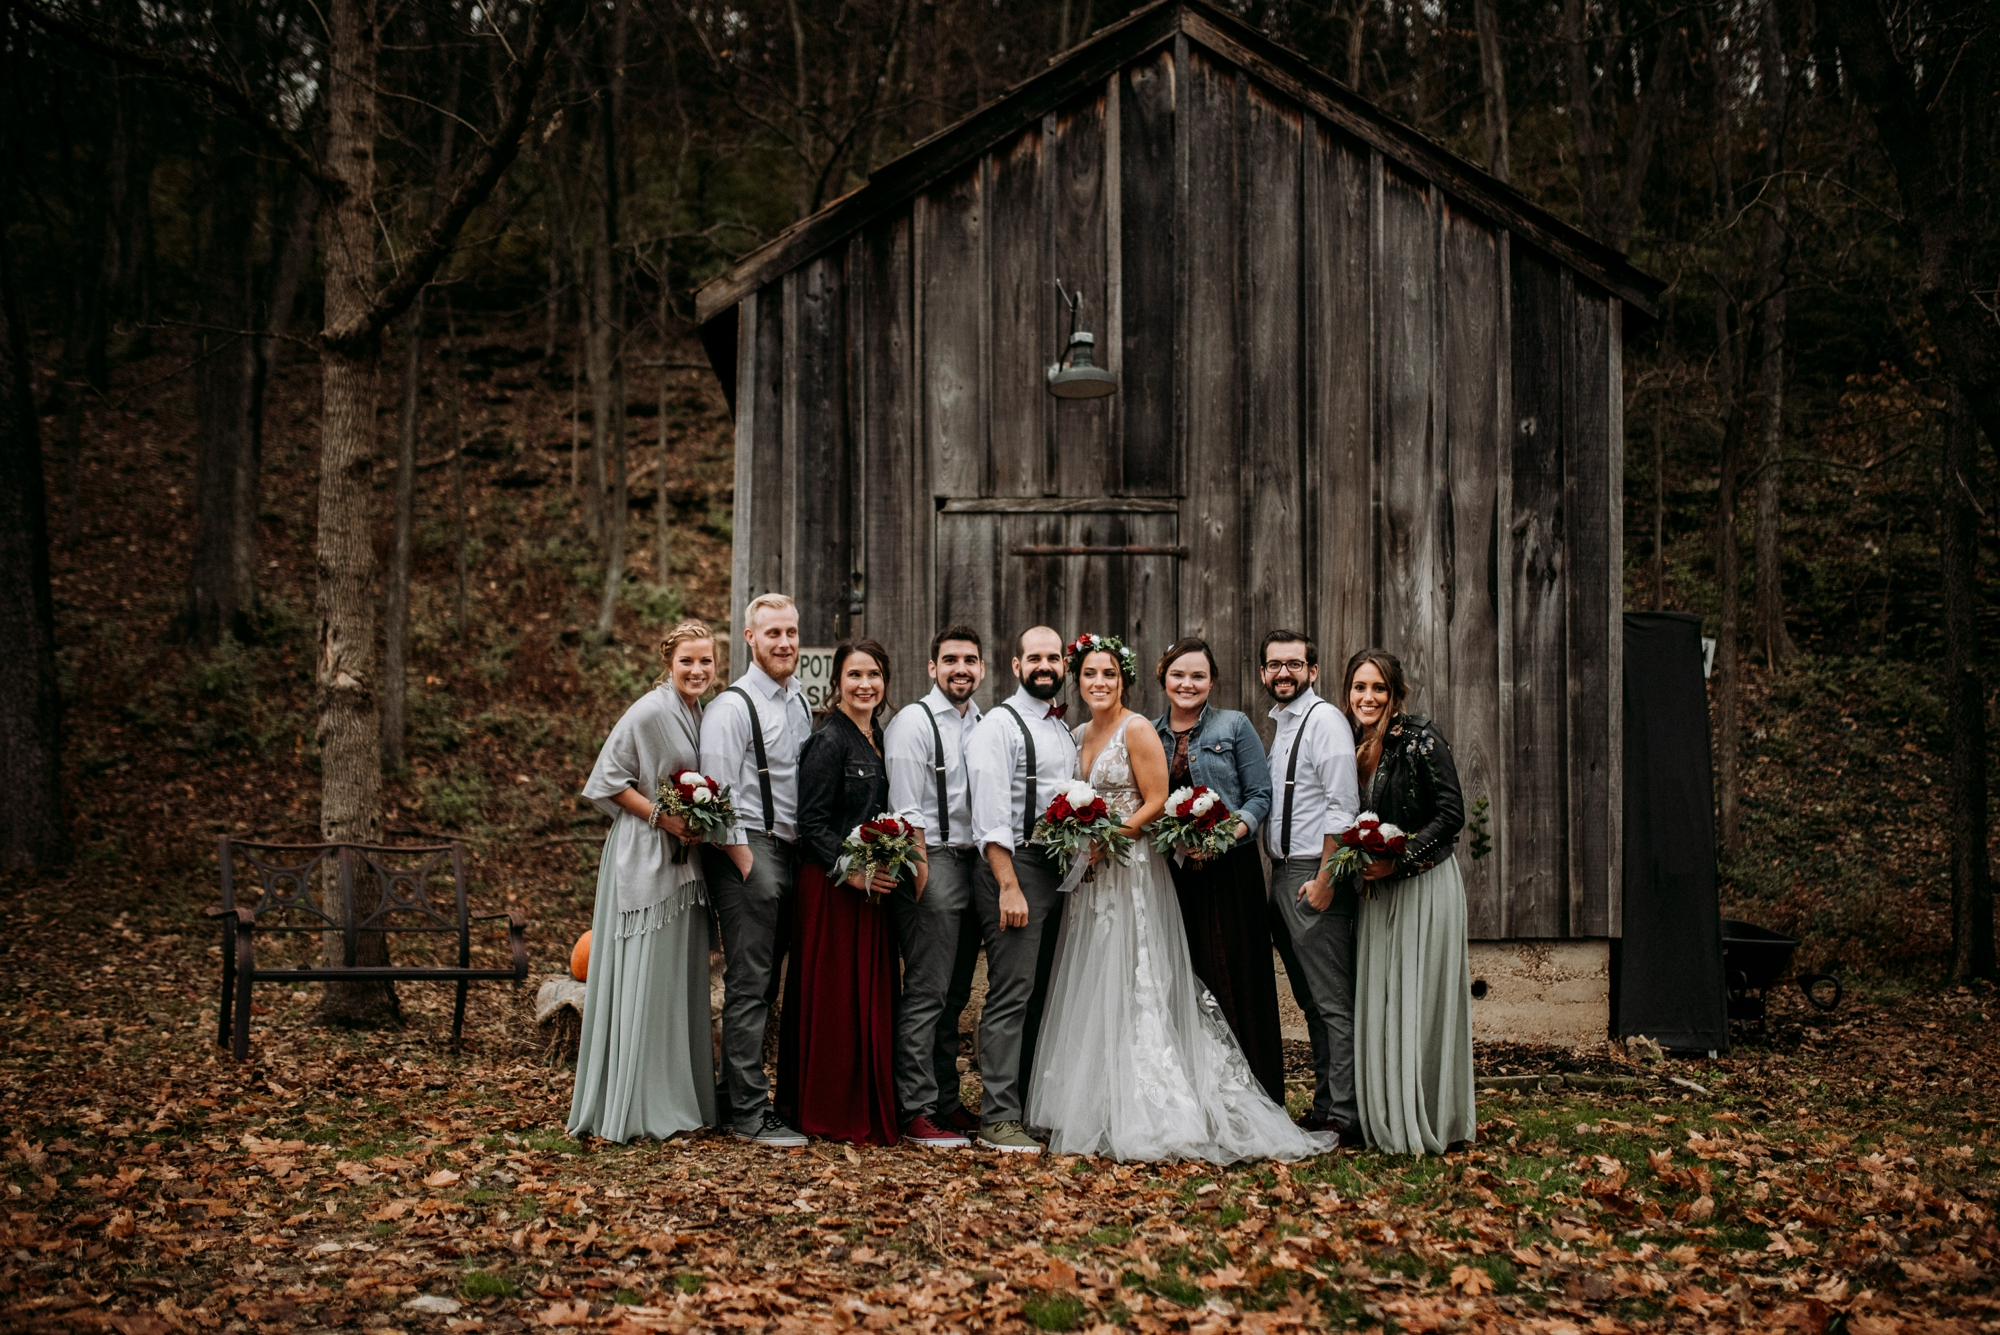 ethical-destination-wedding-stlouis_0028.jpg